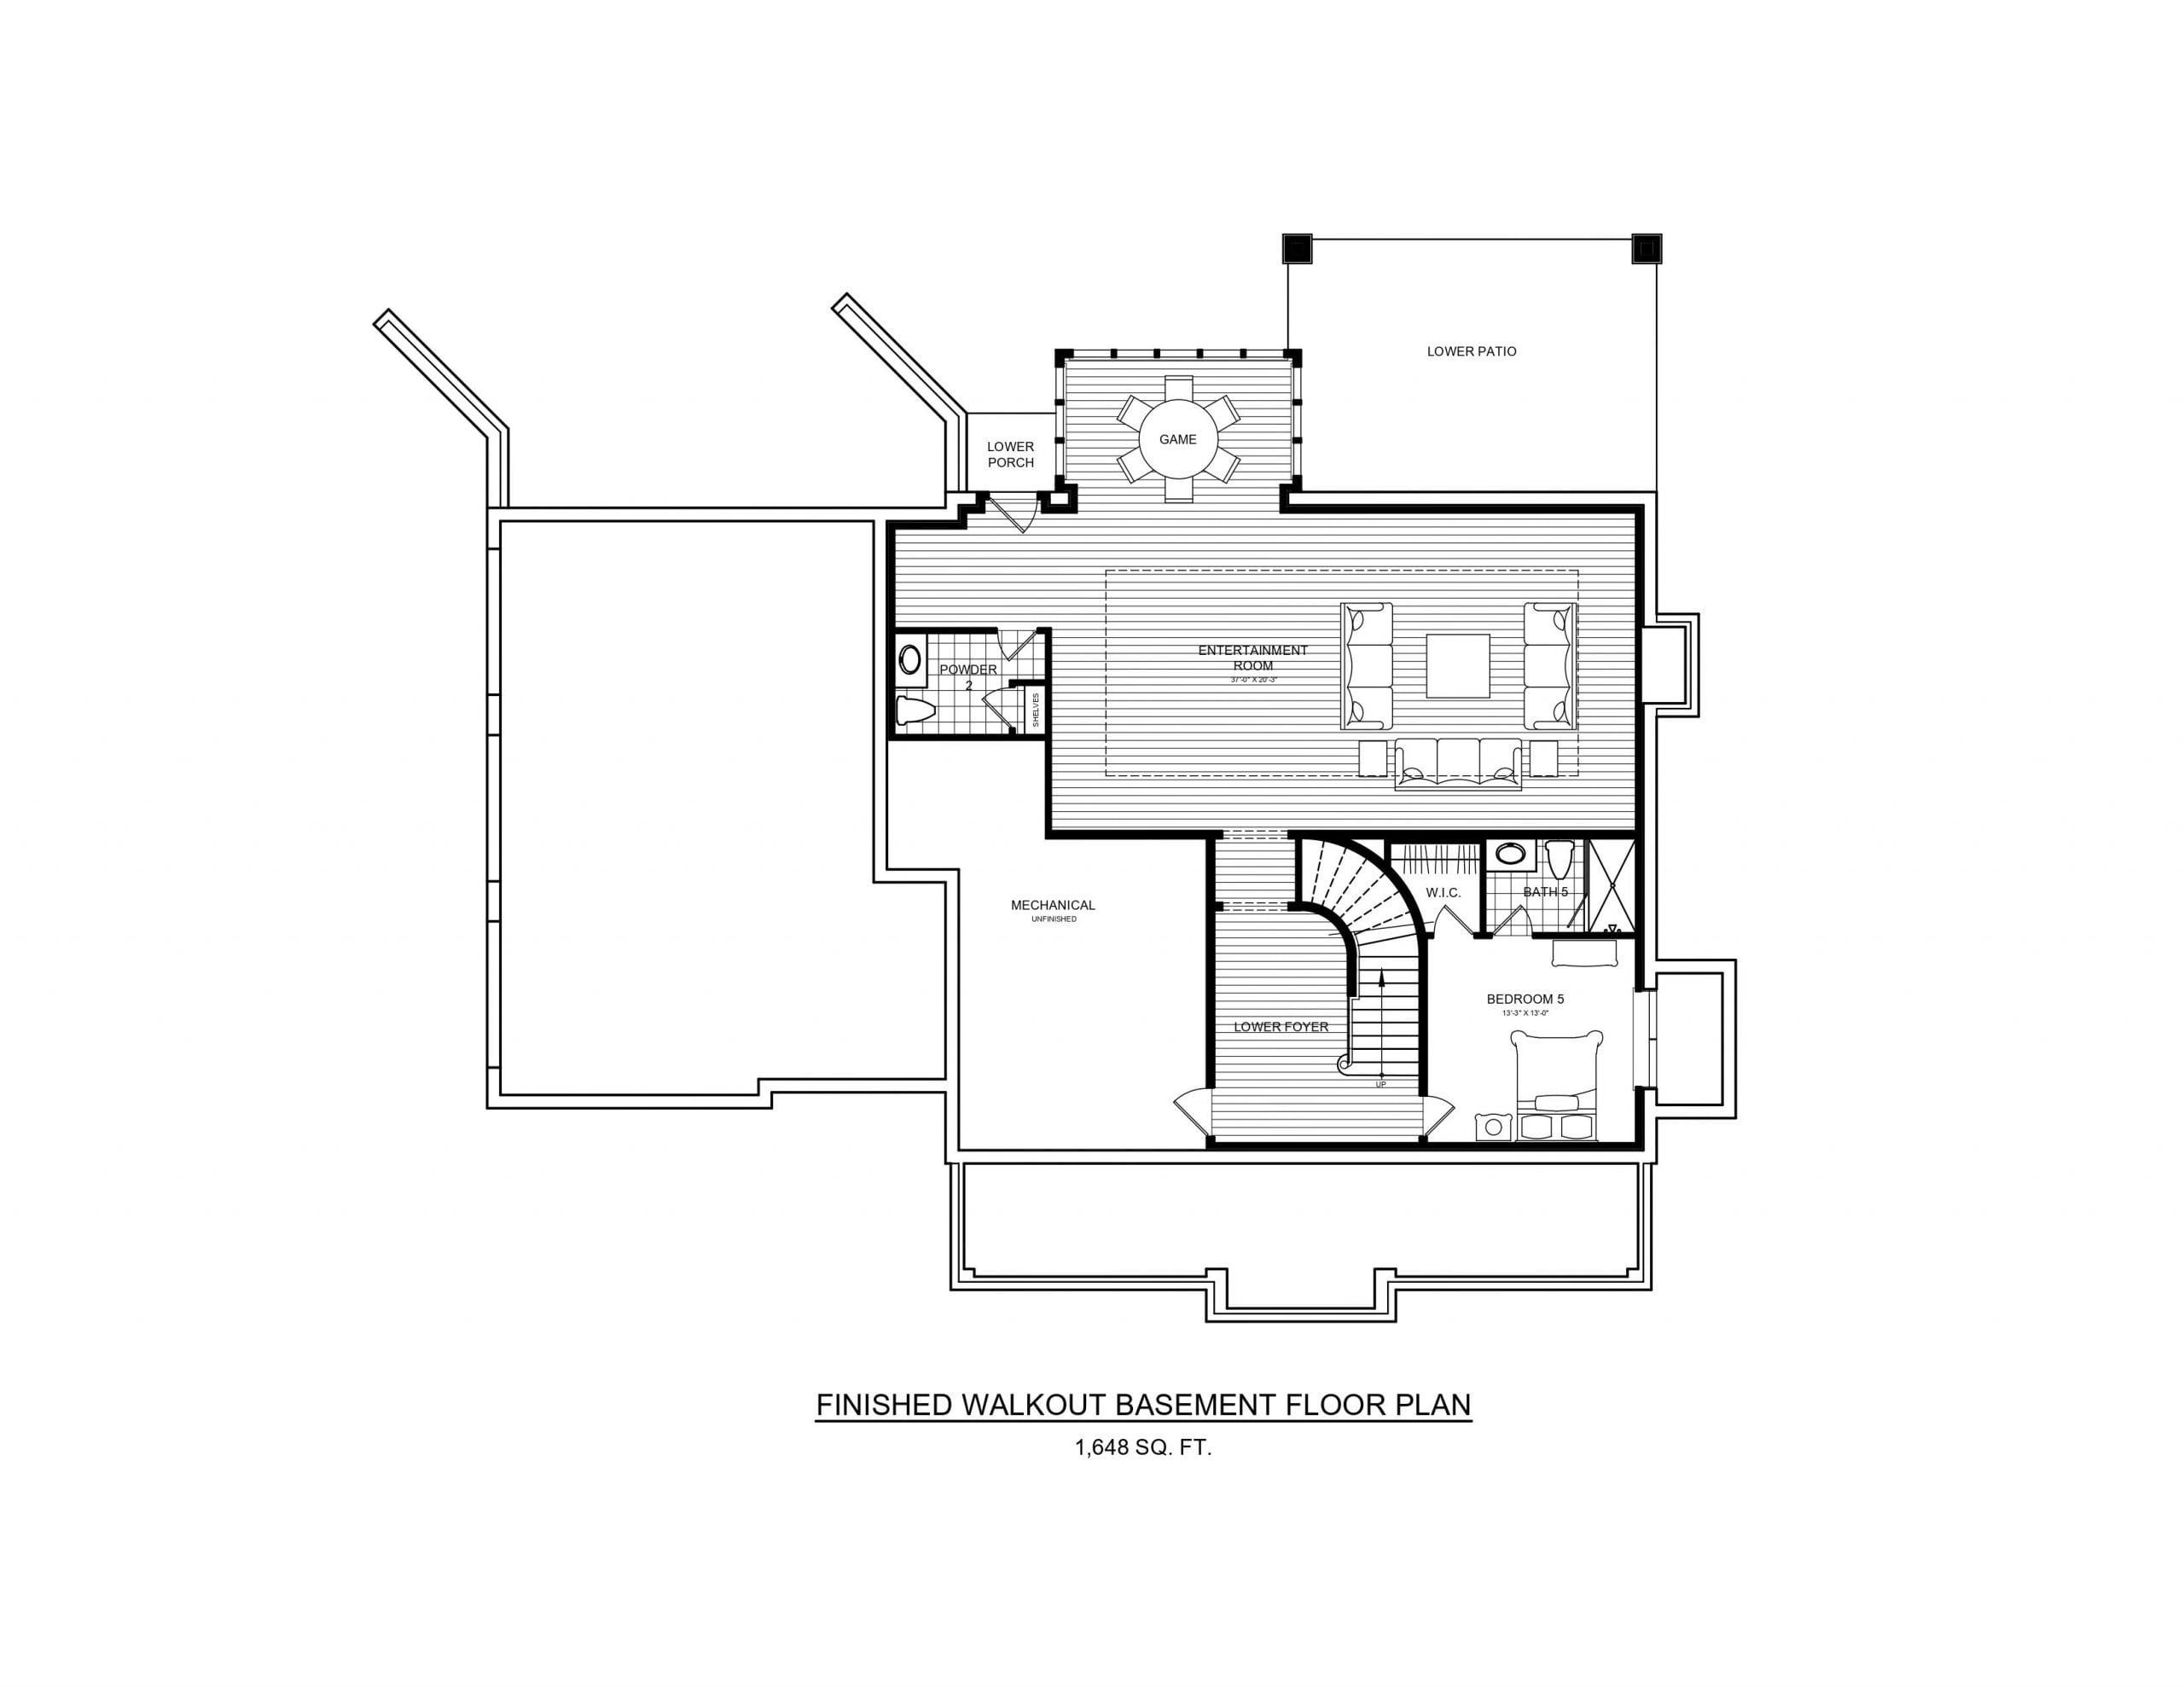 5 Wyndam Court - Finished walkout basement floor plan